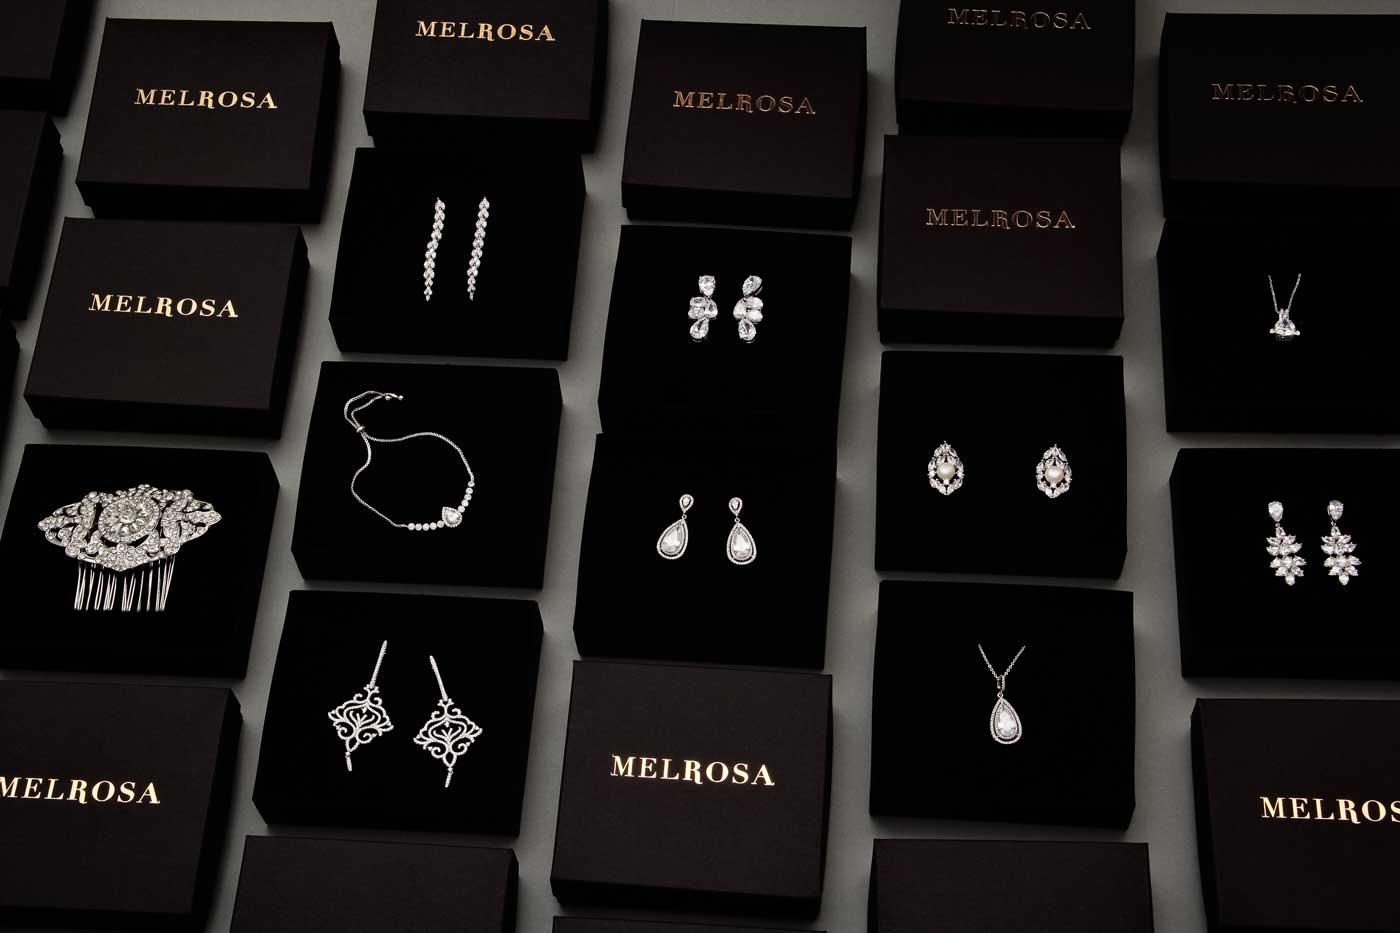 biżuteria do ślubu, novia, ślubna, sklep, on-line, melrosa